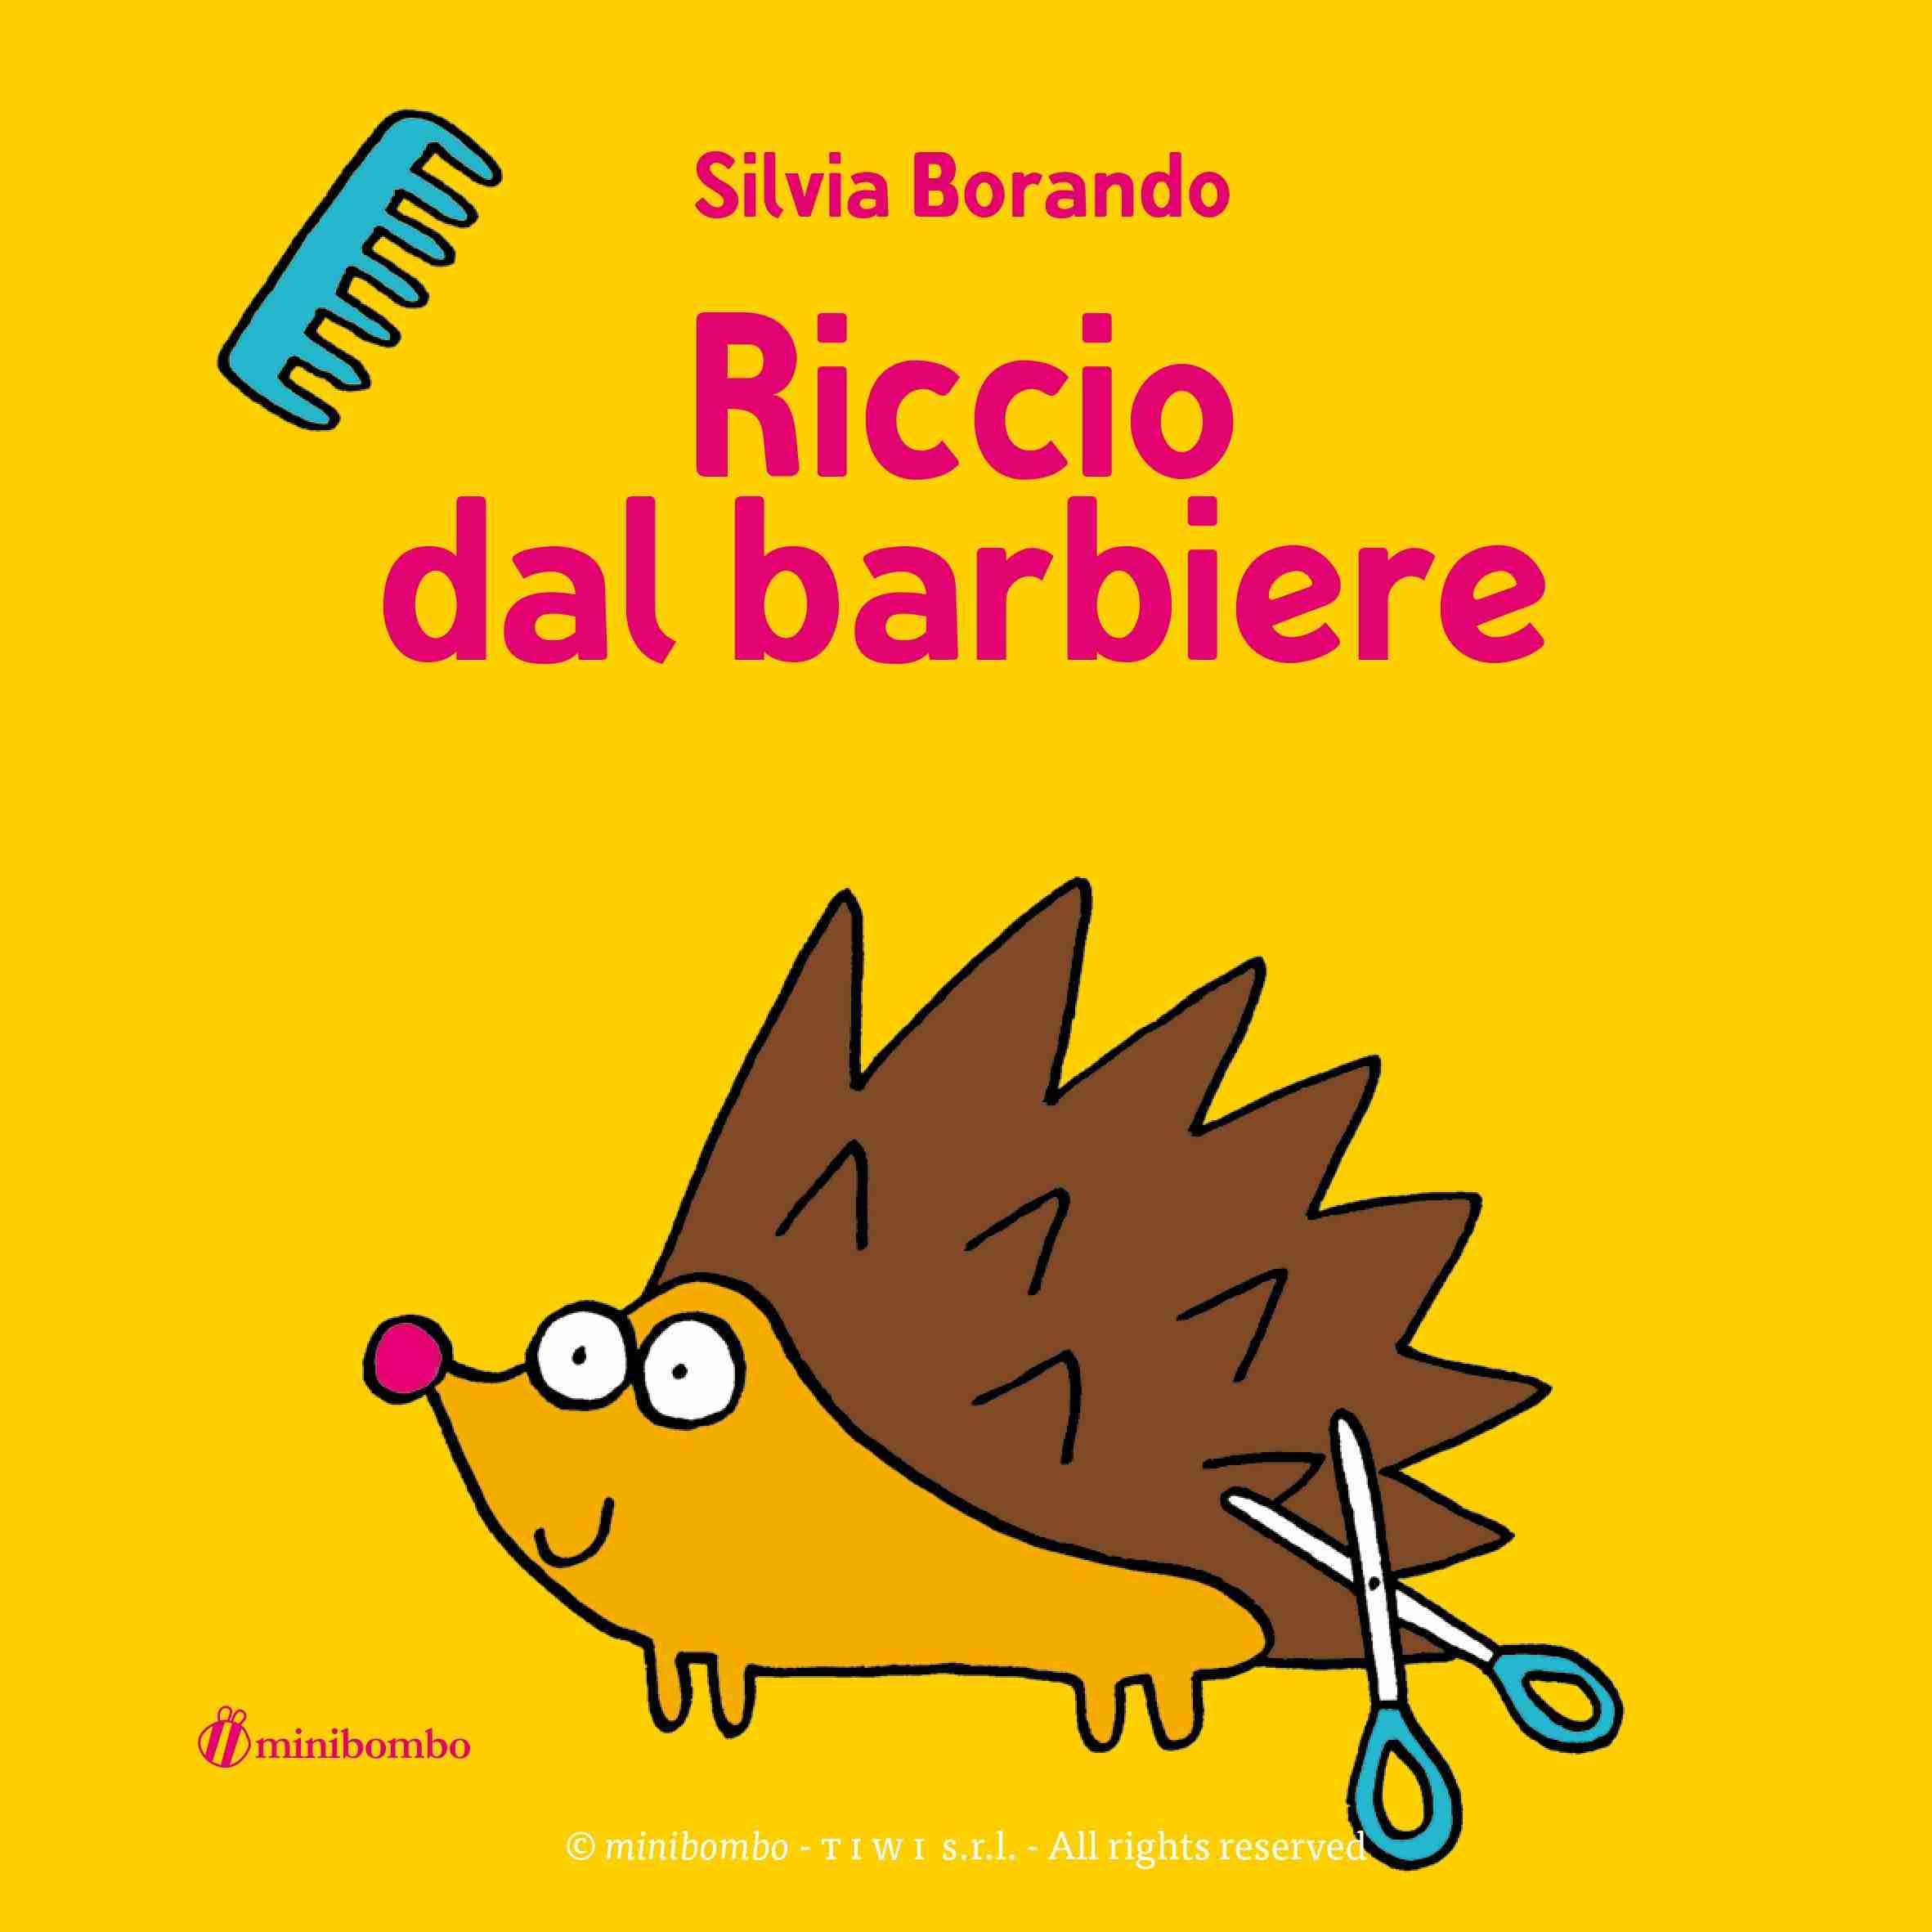 RICCIO DAL BARBIERE di Silvia Borando, MINIBOMBO